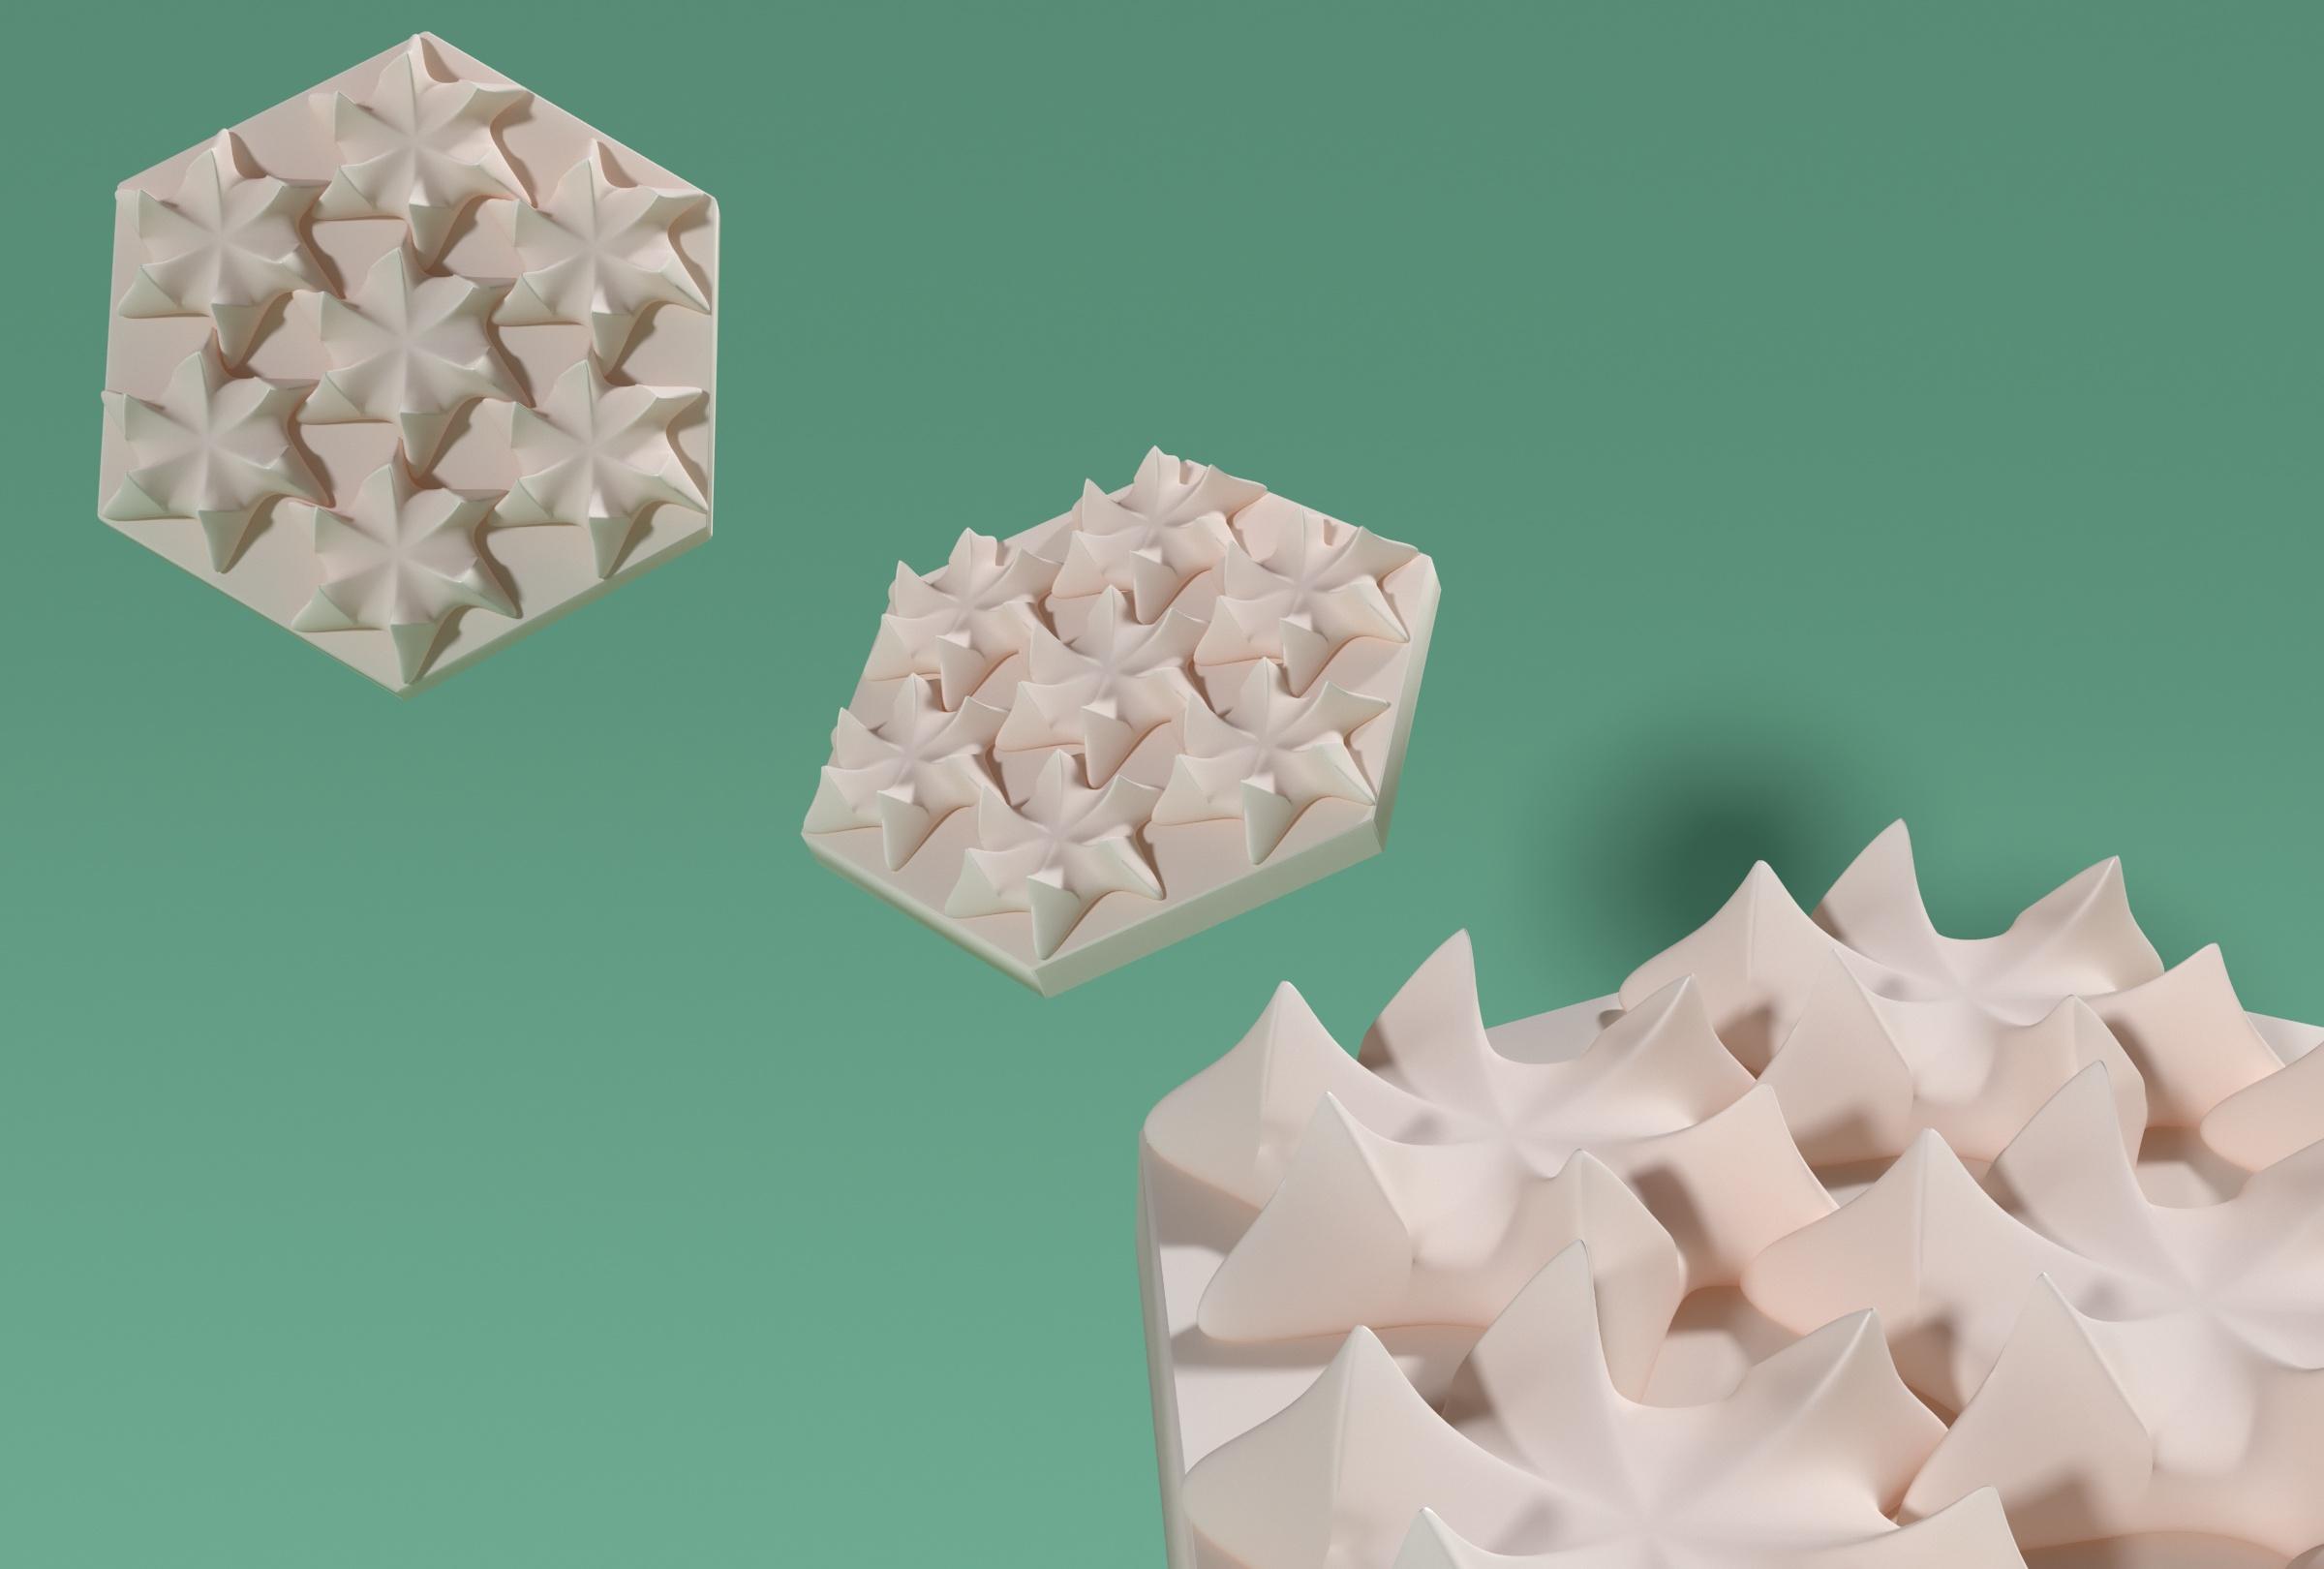 Сделать 3D модель массажного элемента формат STP/UG фото f_7155d28a6366e94c.jpg